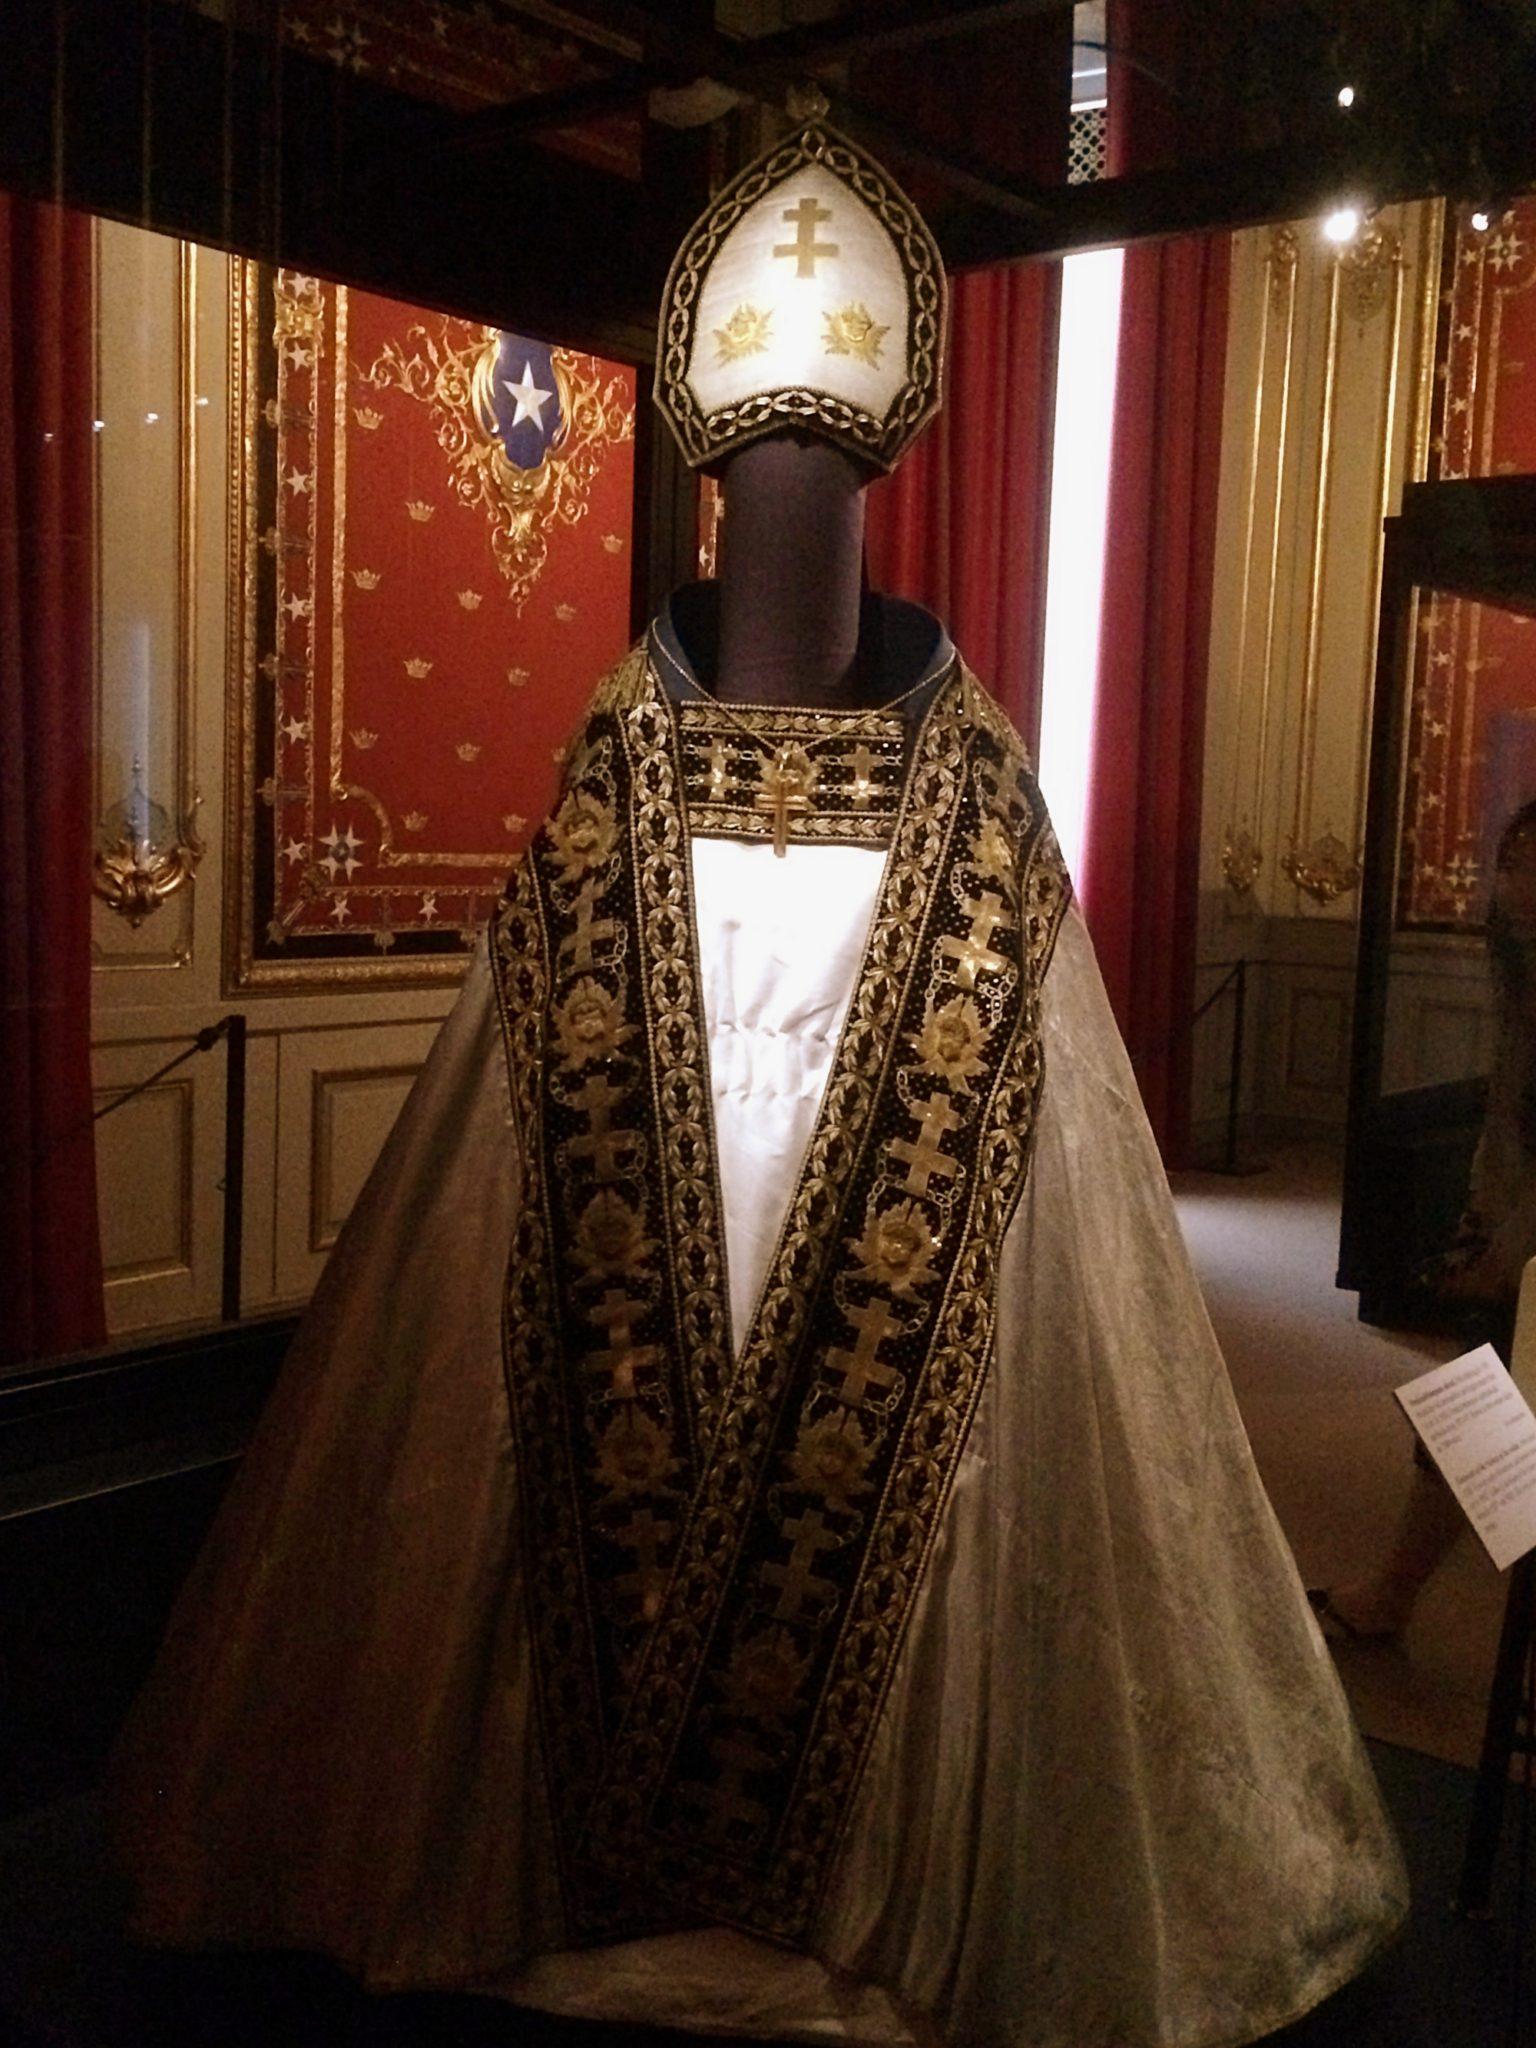 Stockholm Royal Palace Royal Wardrobe